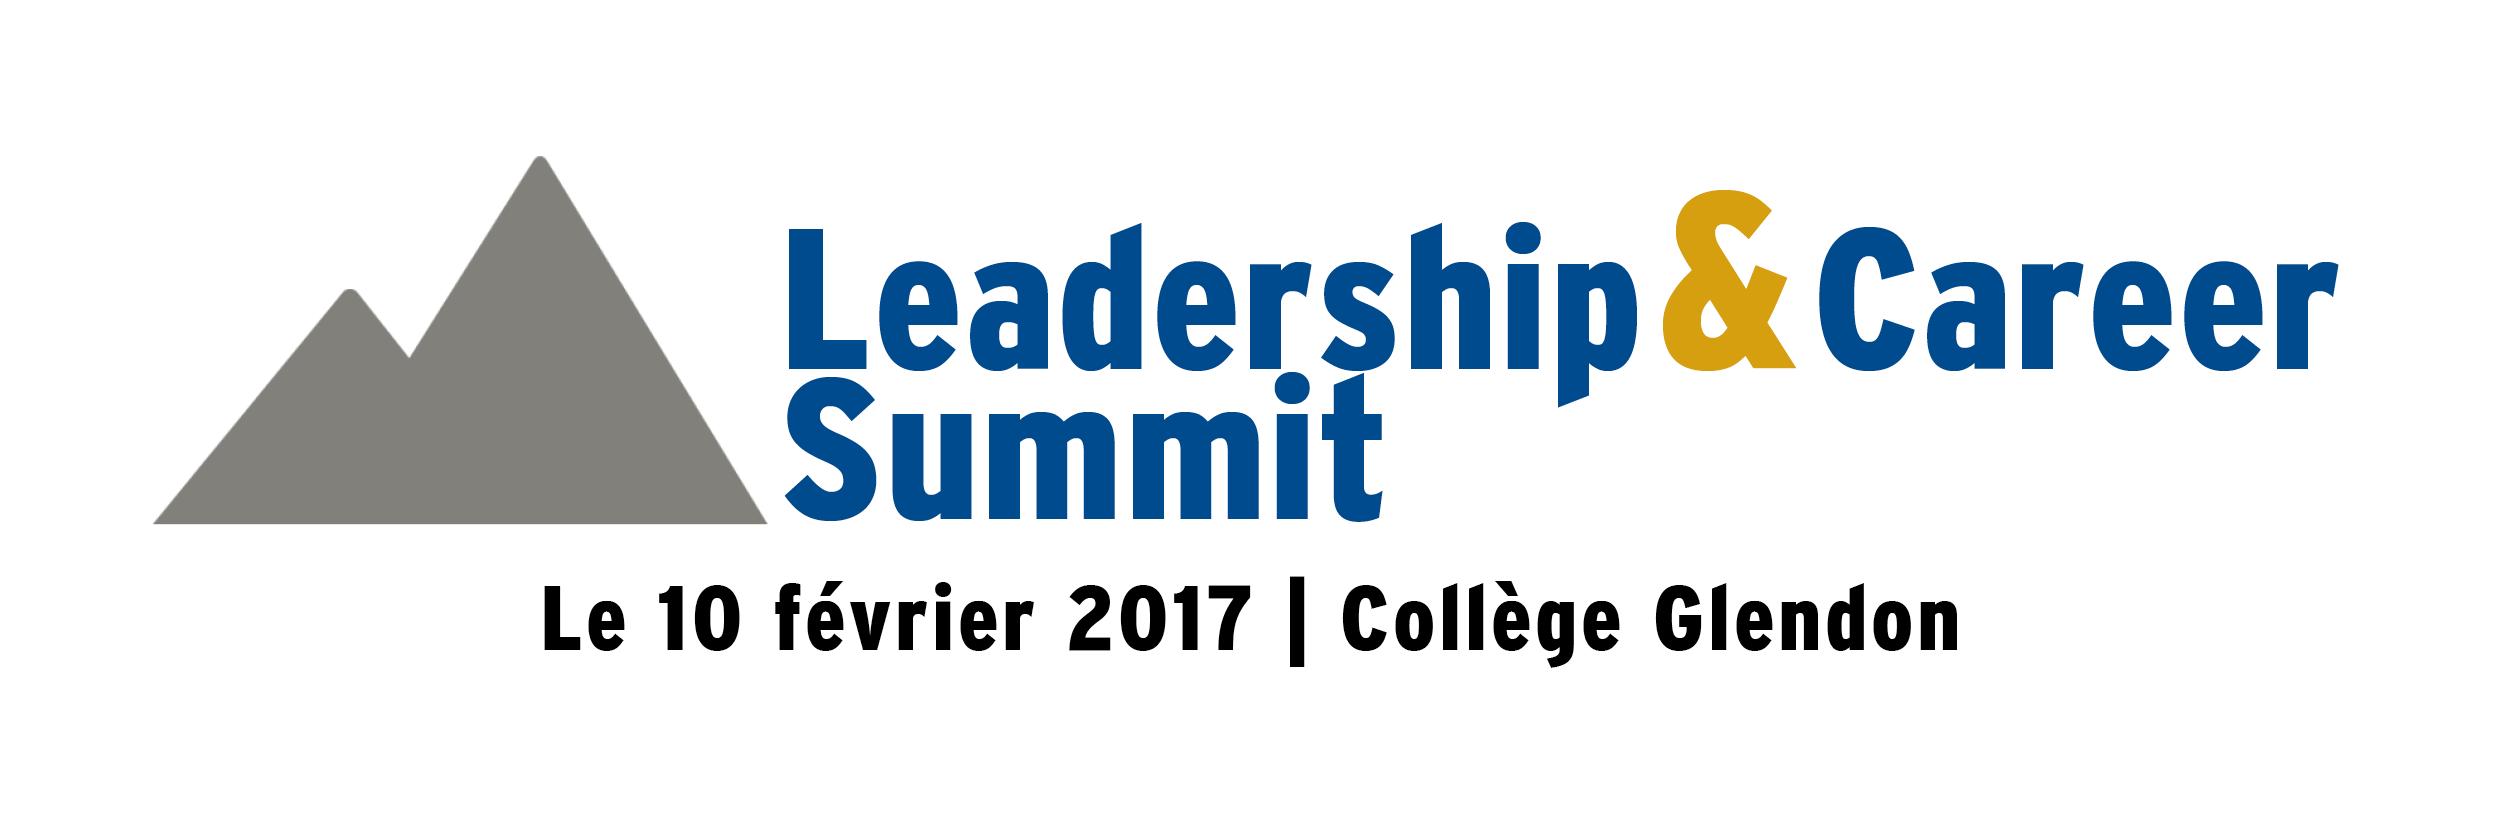 summit-email-header-alumni